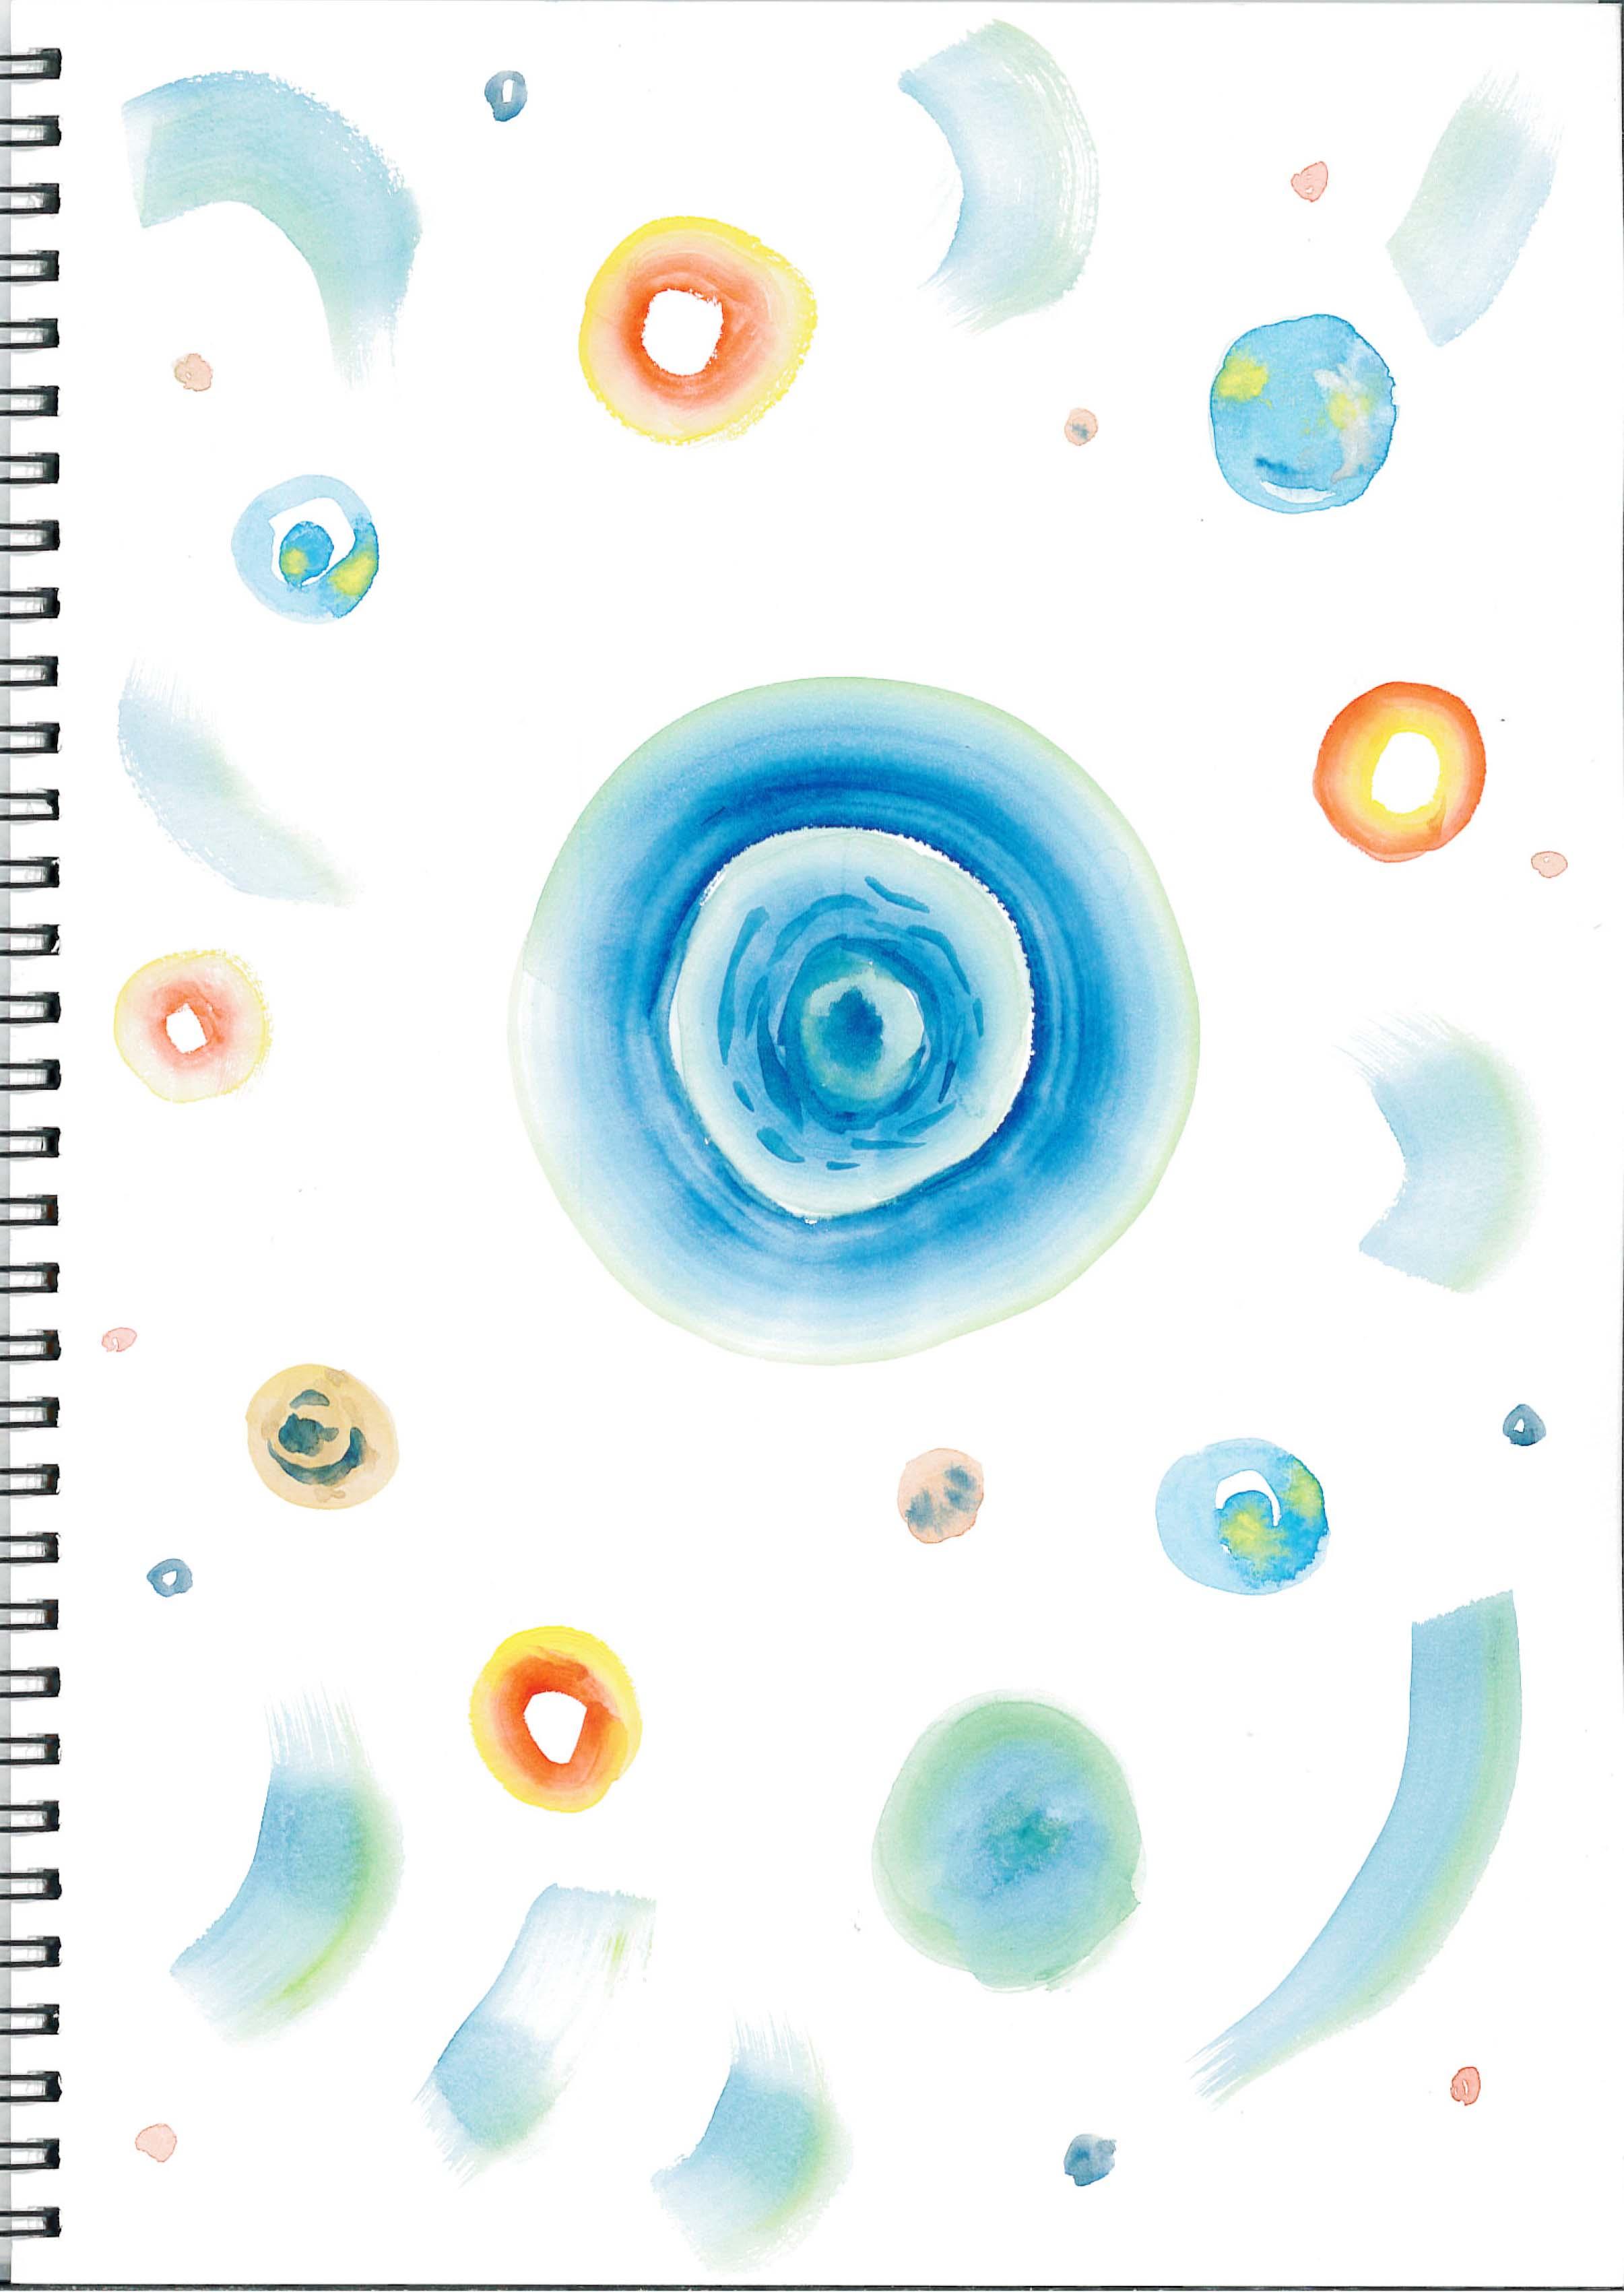 水のイラスト2